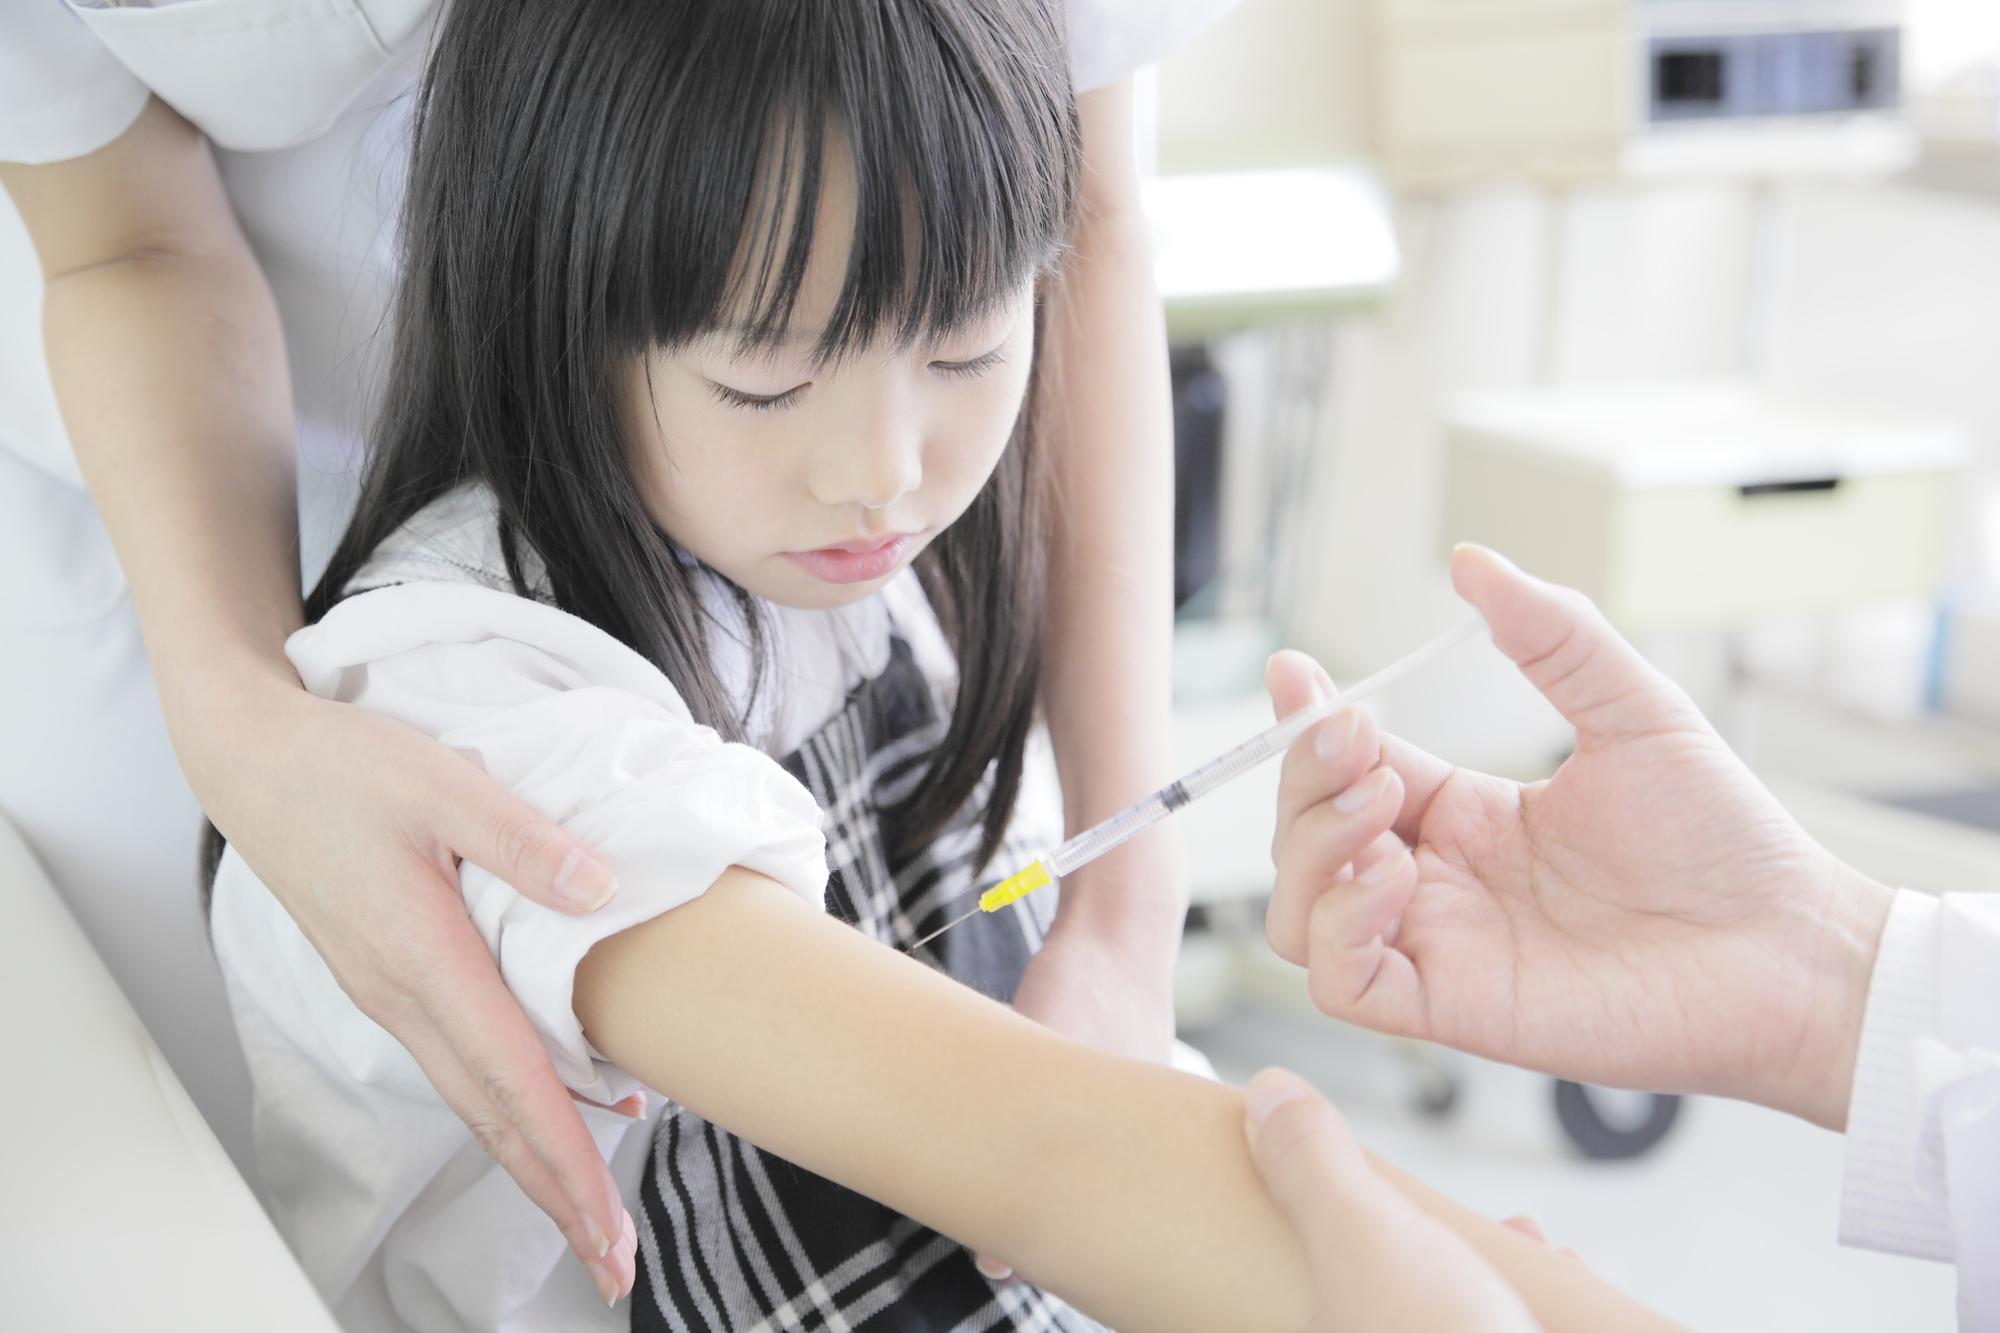 インフルエンザ予防接種|神戸市、梶山小児科・アレルギー科